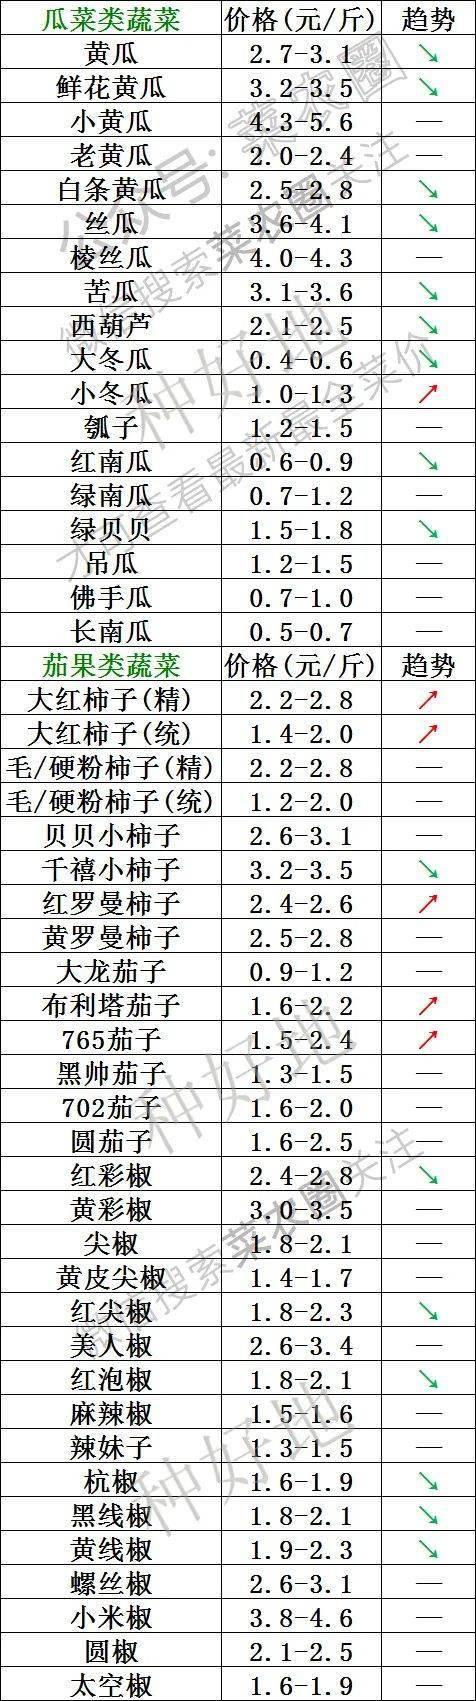 2021年10月3日北京新发地,山东寿光,云南,河北石家庄今日蔬菜价格行情一览表